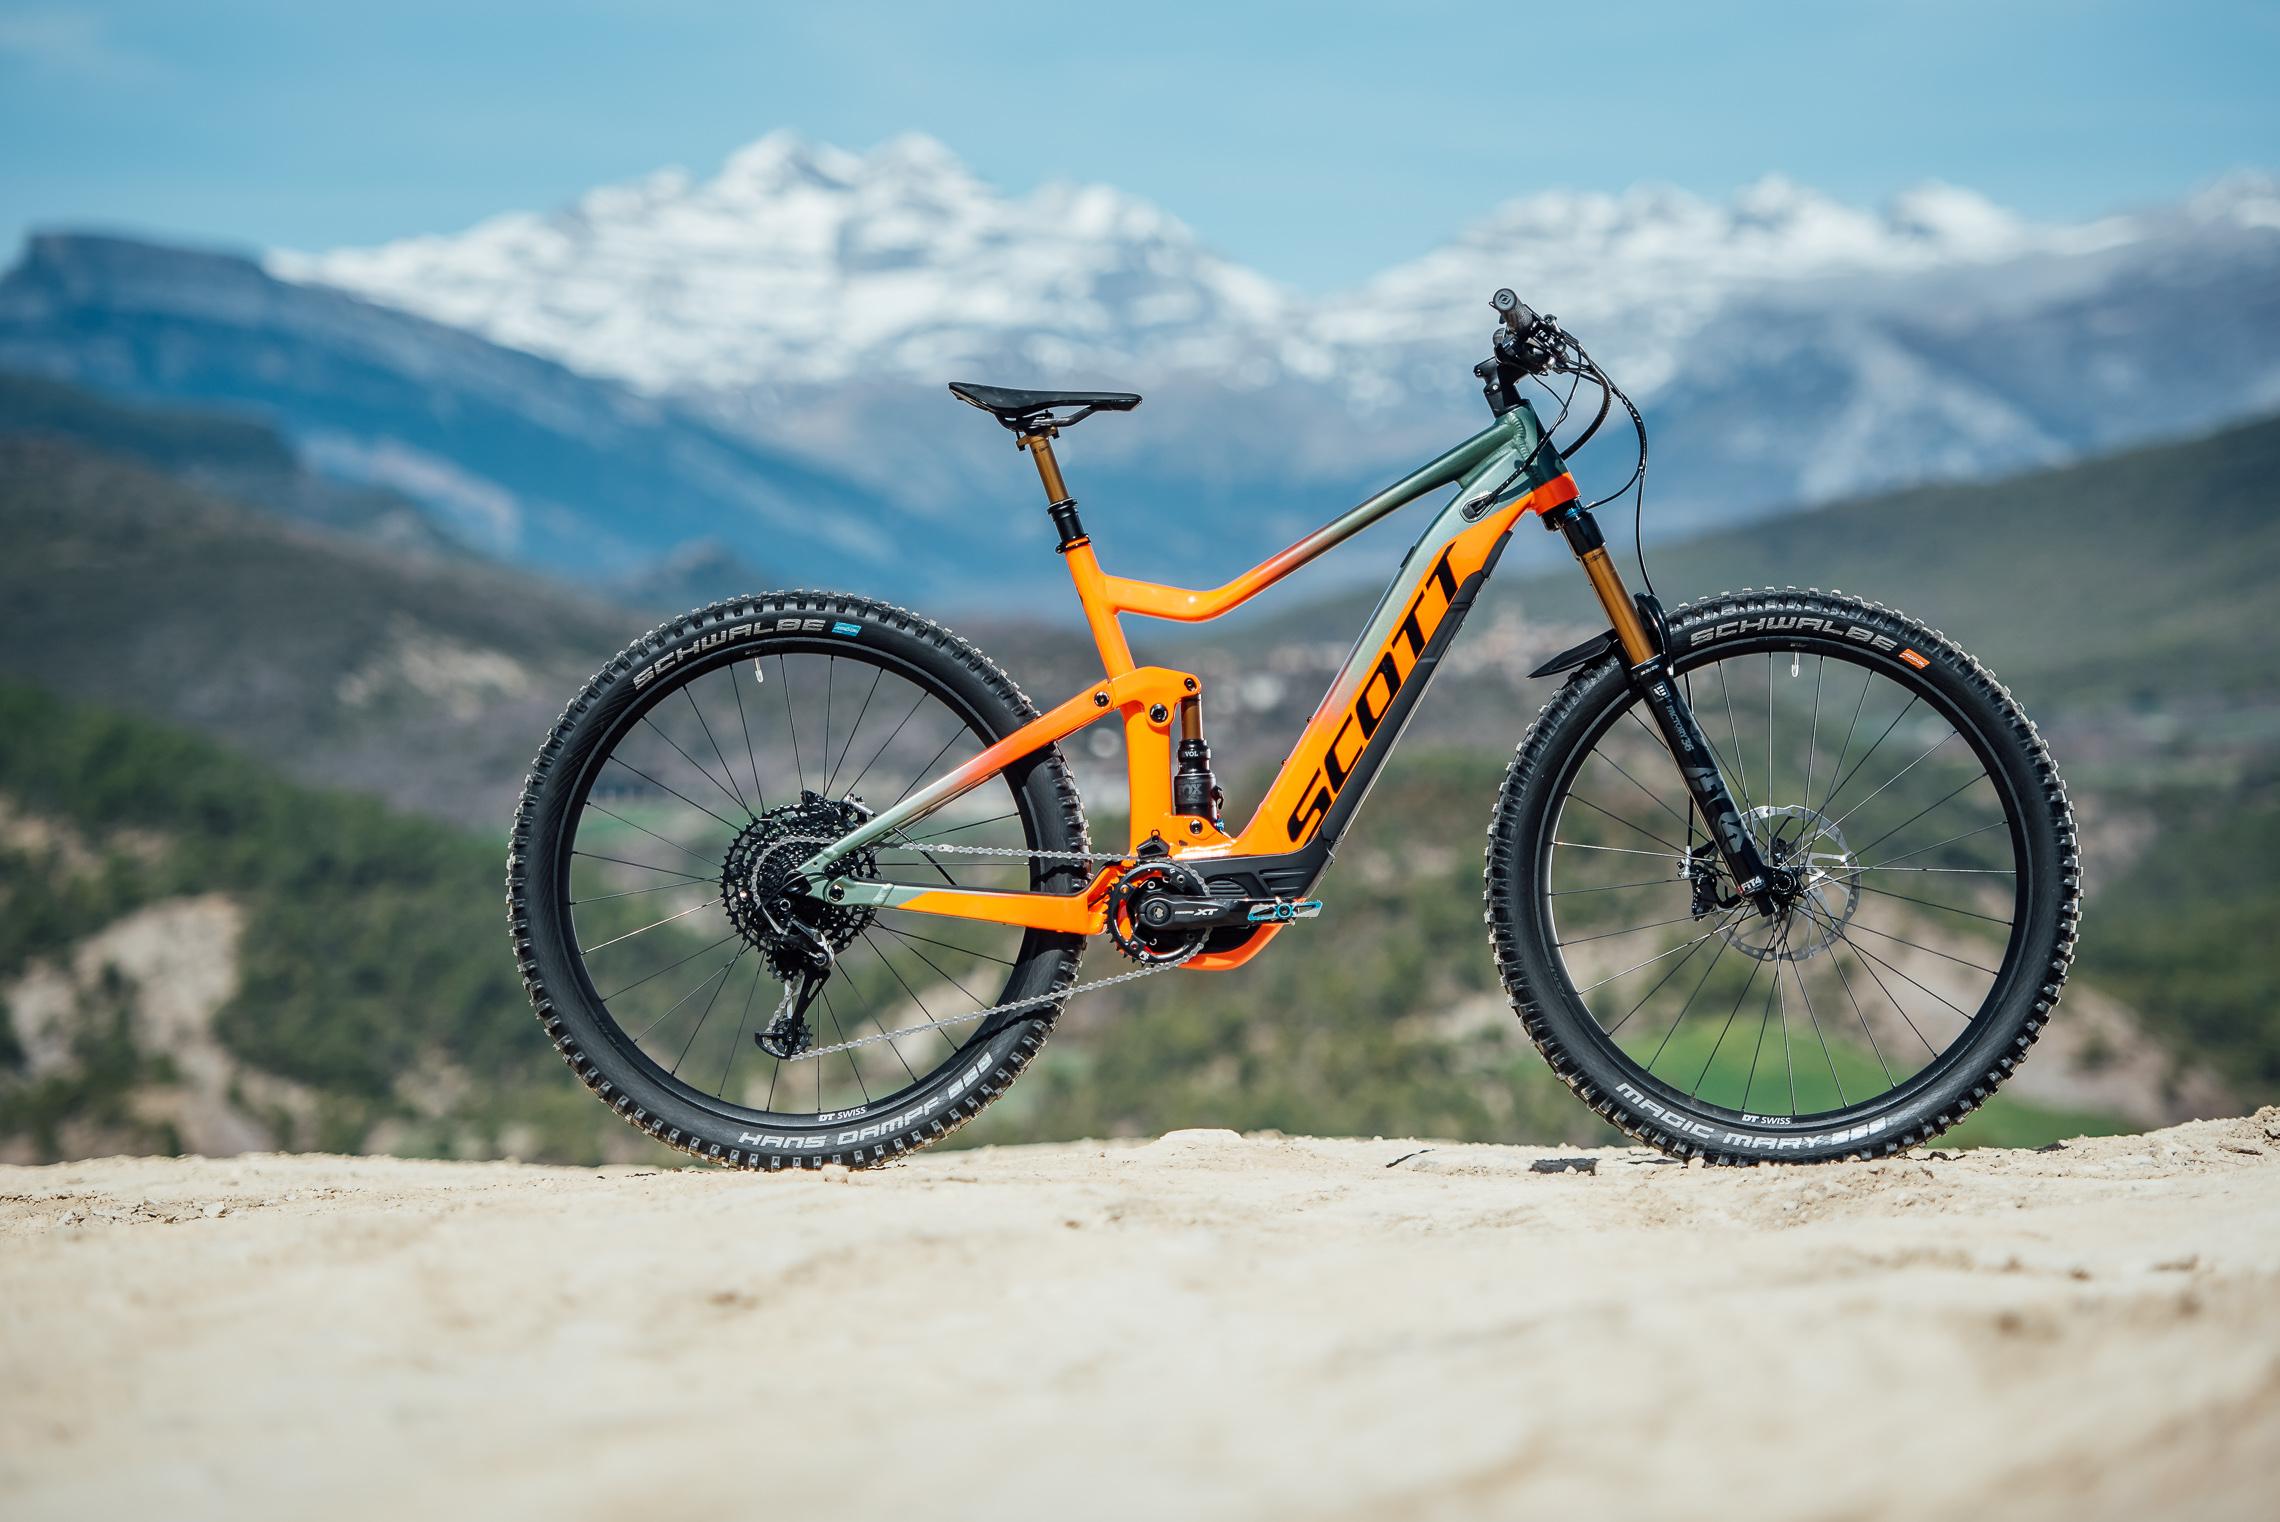 Scott Genius eRide 900 im Test: Mit großen Rädern auf der Überholspur